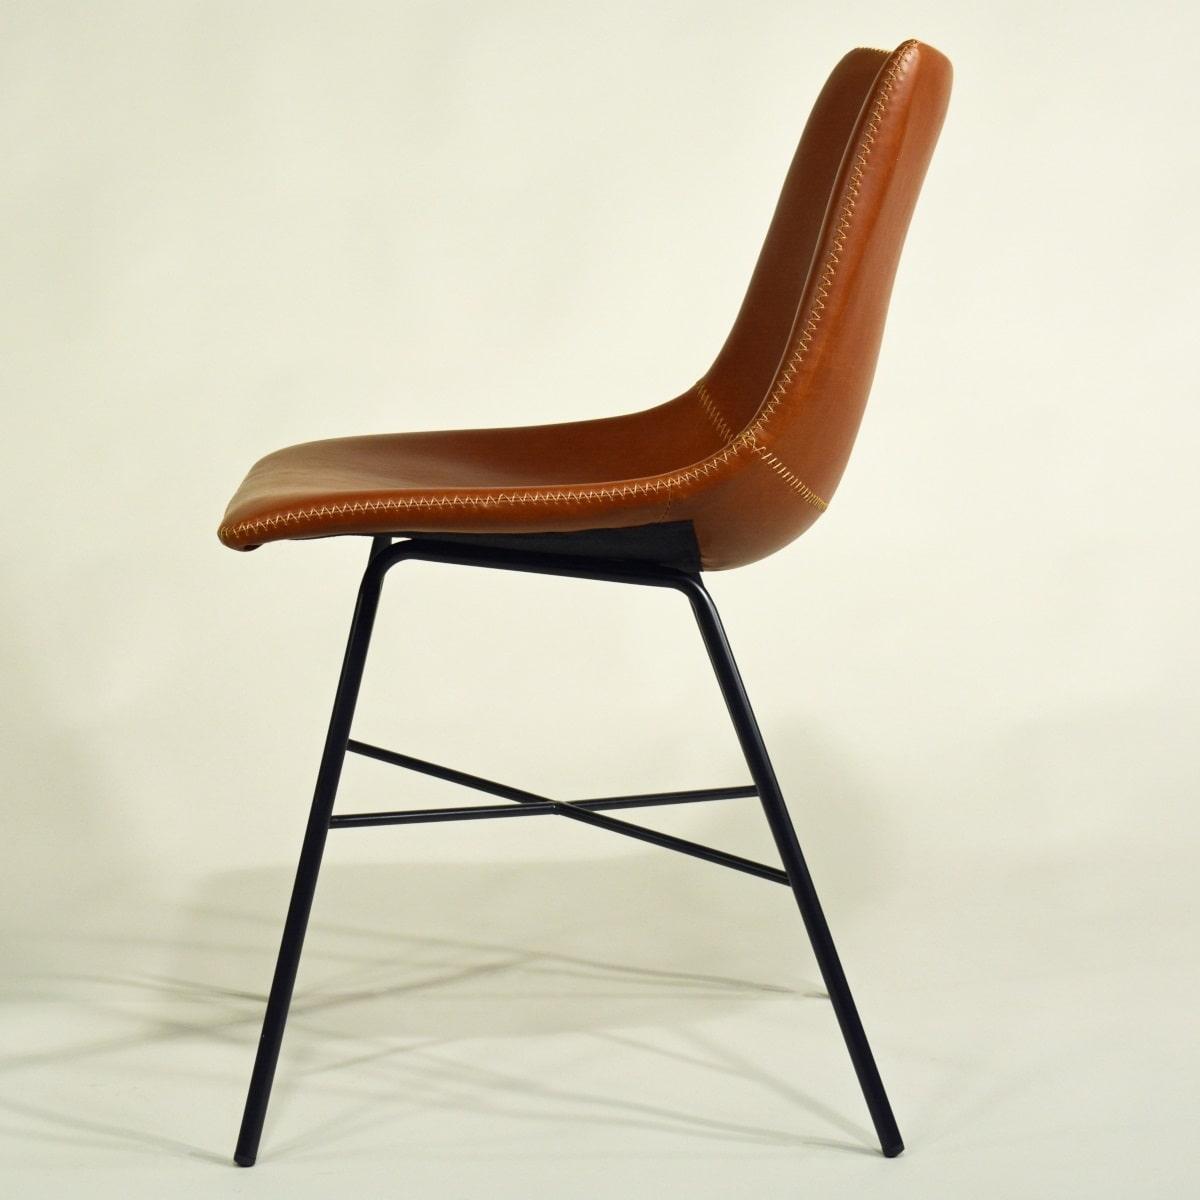 Stuhl braun gepolstert Industrial Vintage